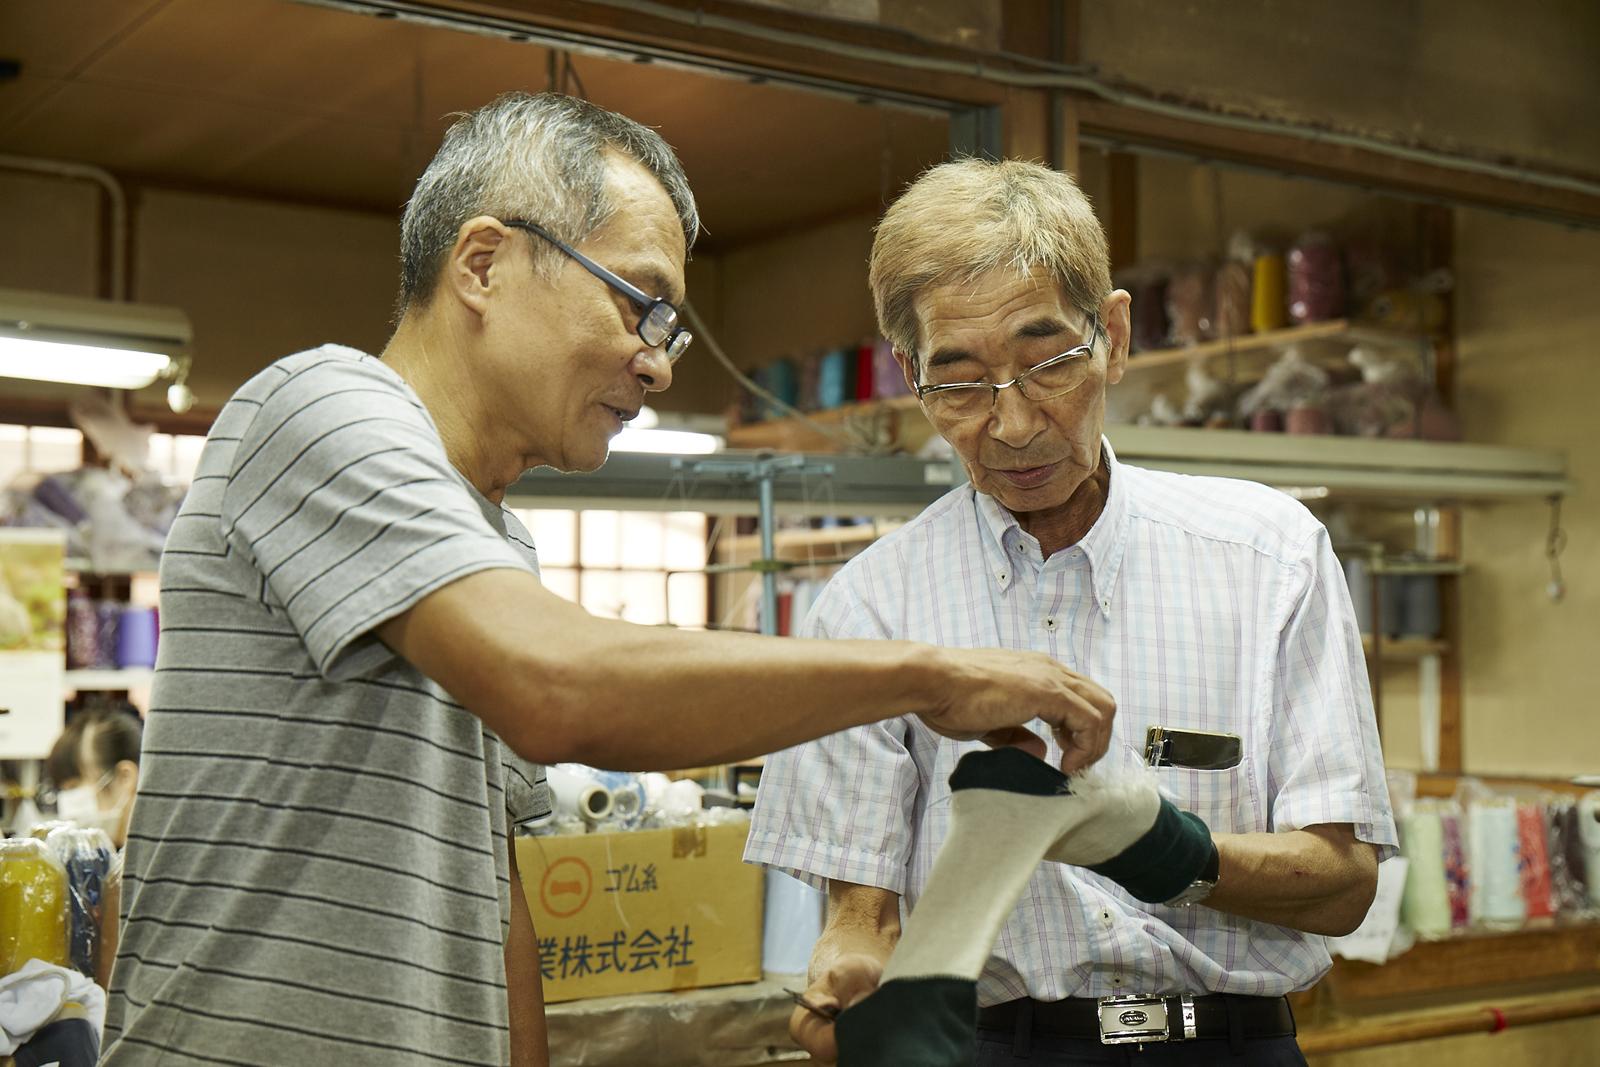 社長の御宮知さん(右)と工場長の山下さん(左)。熱心に靴下議論中。